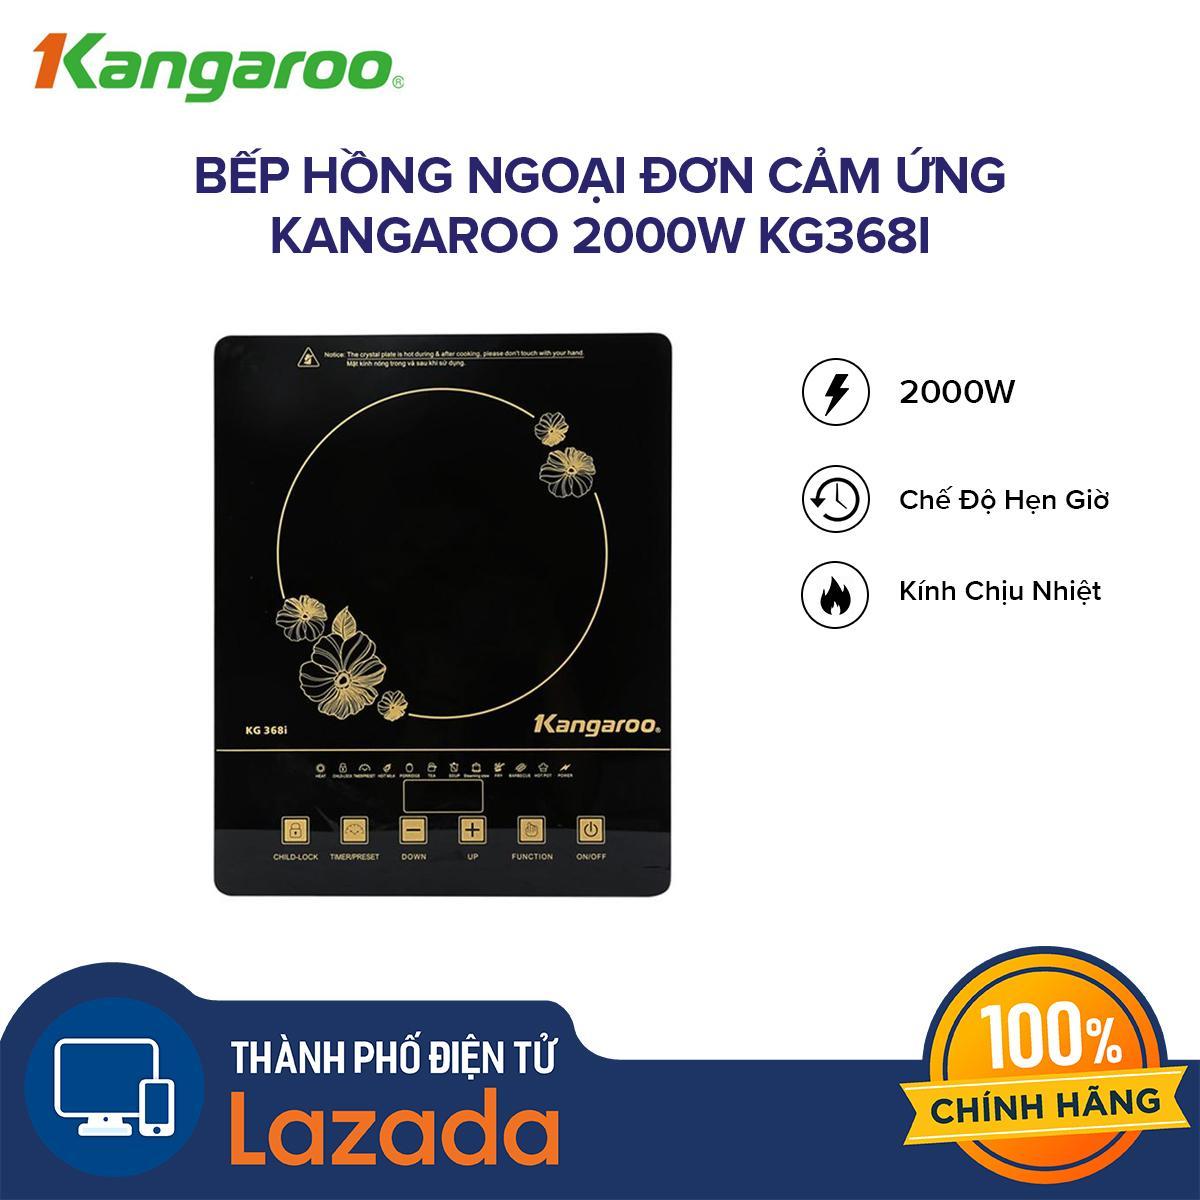 Bếp hồng ngoại đơn cảm ứng Kangaroo 2000W KG368i